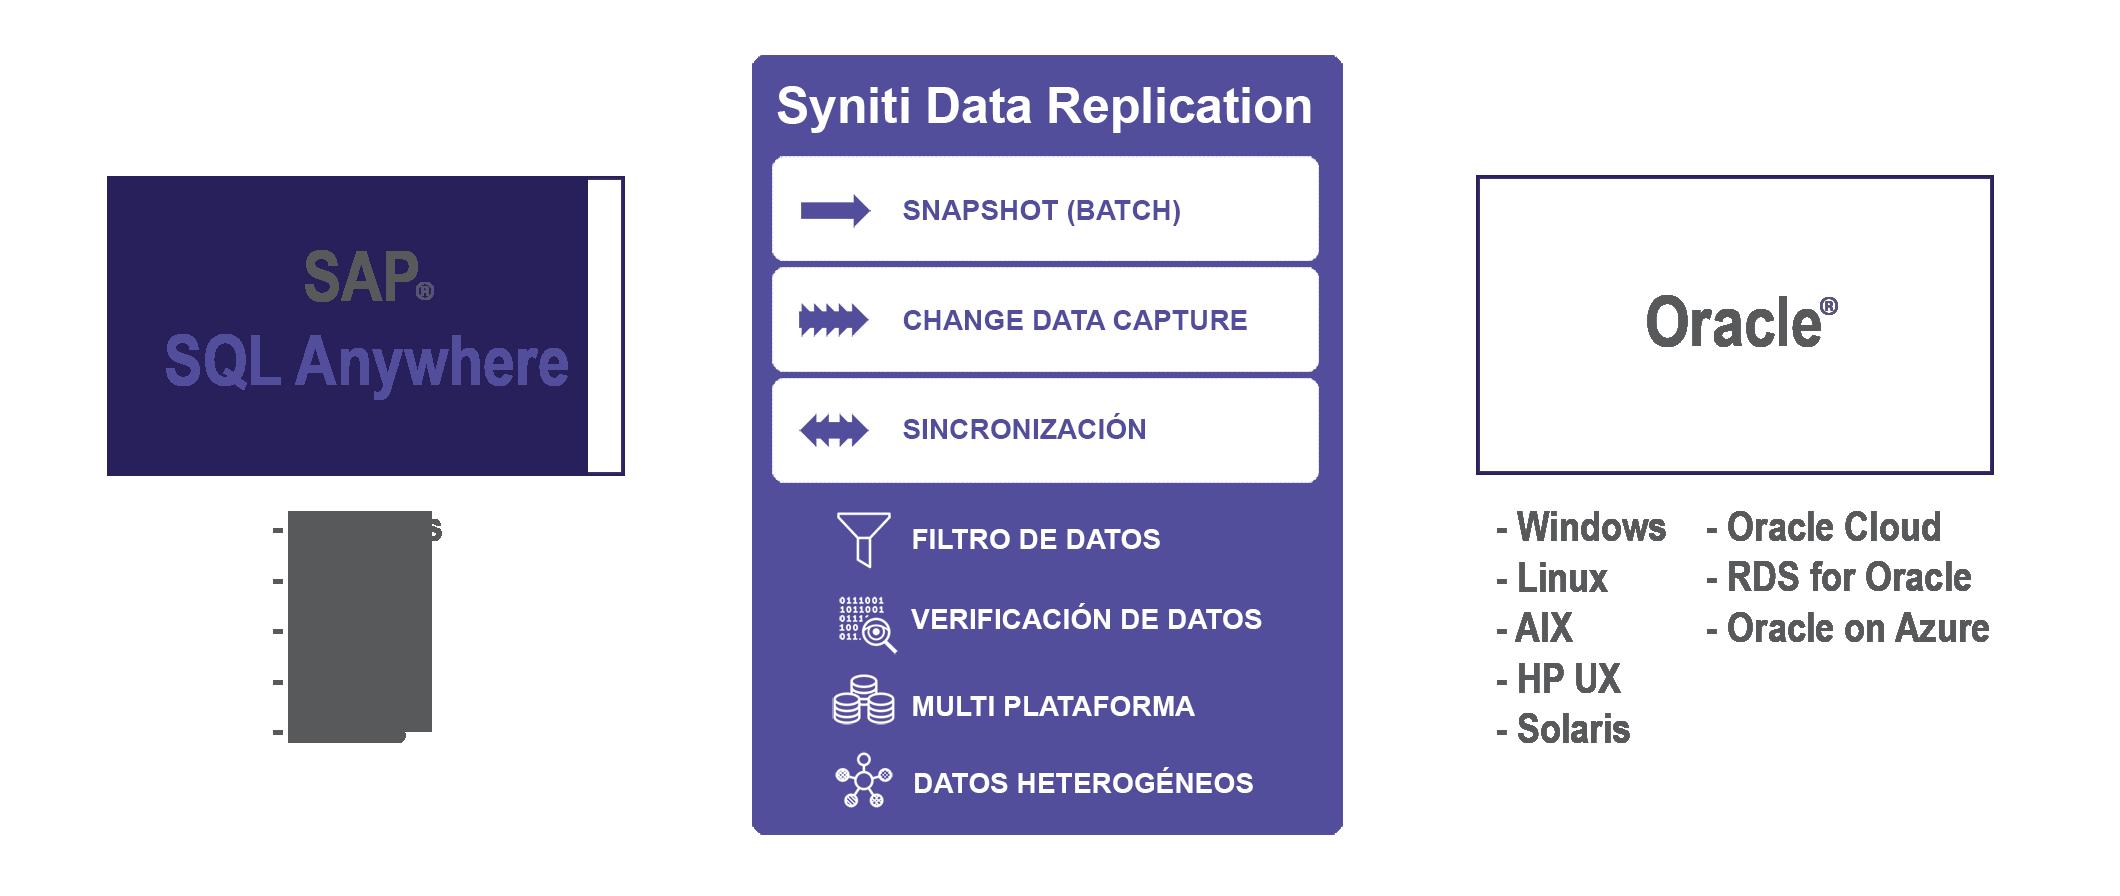 Replicación de datos desde SQL Anywhere a Oracle en tiempo real